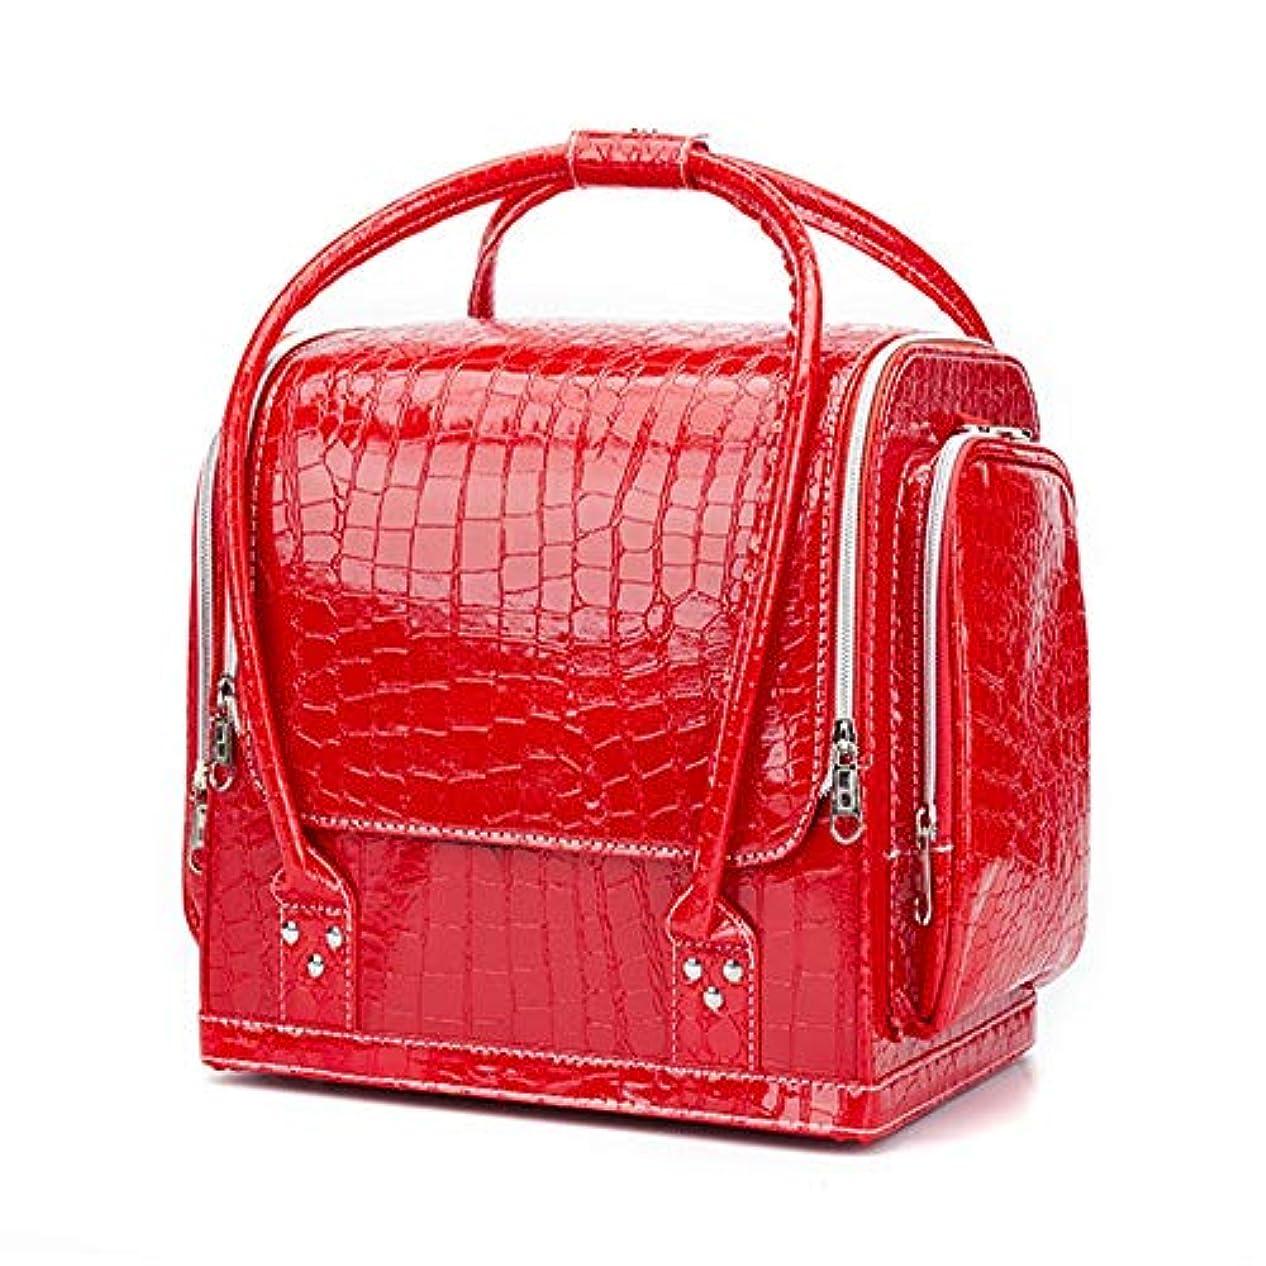 羽罰セミナー化粧オーガナイザーバッグ ポータブルプロフェッショナルpuレザー旅行メイクアップバッグパターンメイクアップアーティストケーストレインボックス化粧品オーガナイザー収納用十代の女の子女性アーティスト 化粧品ケース (色 : 赤)